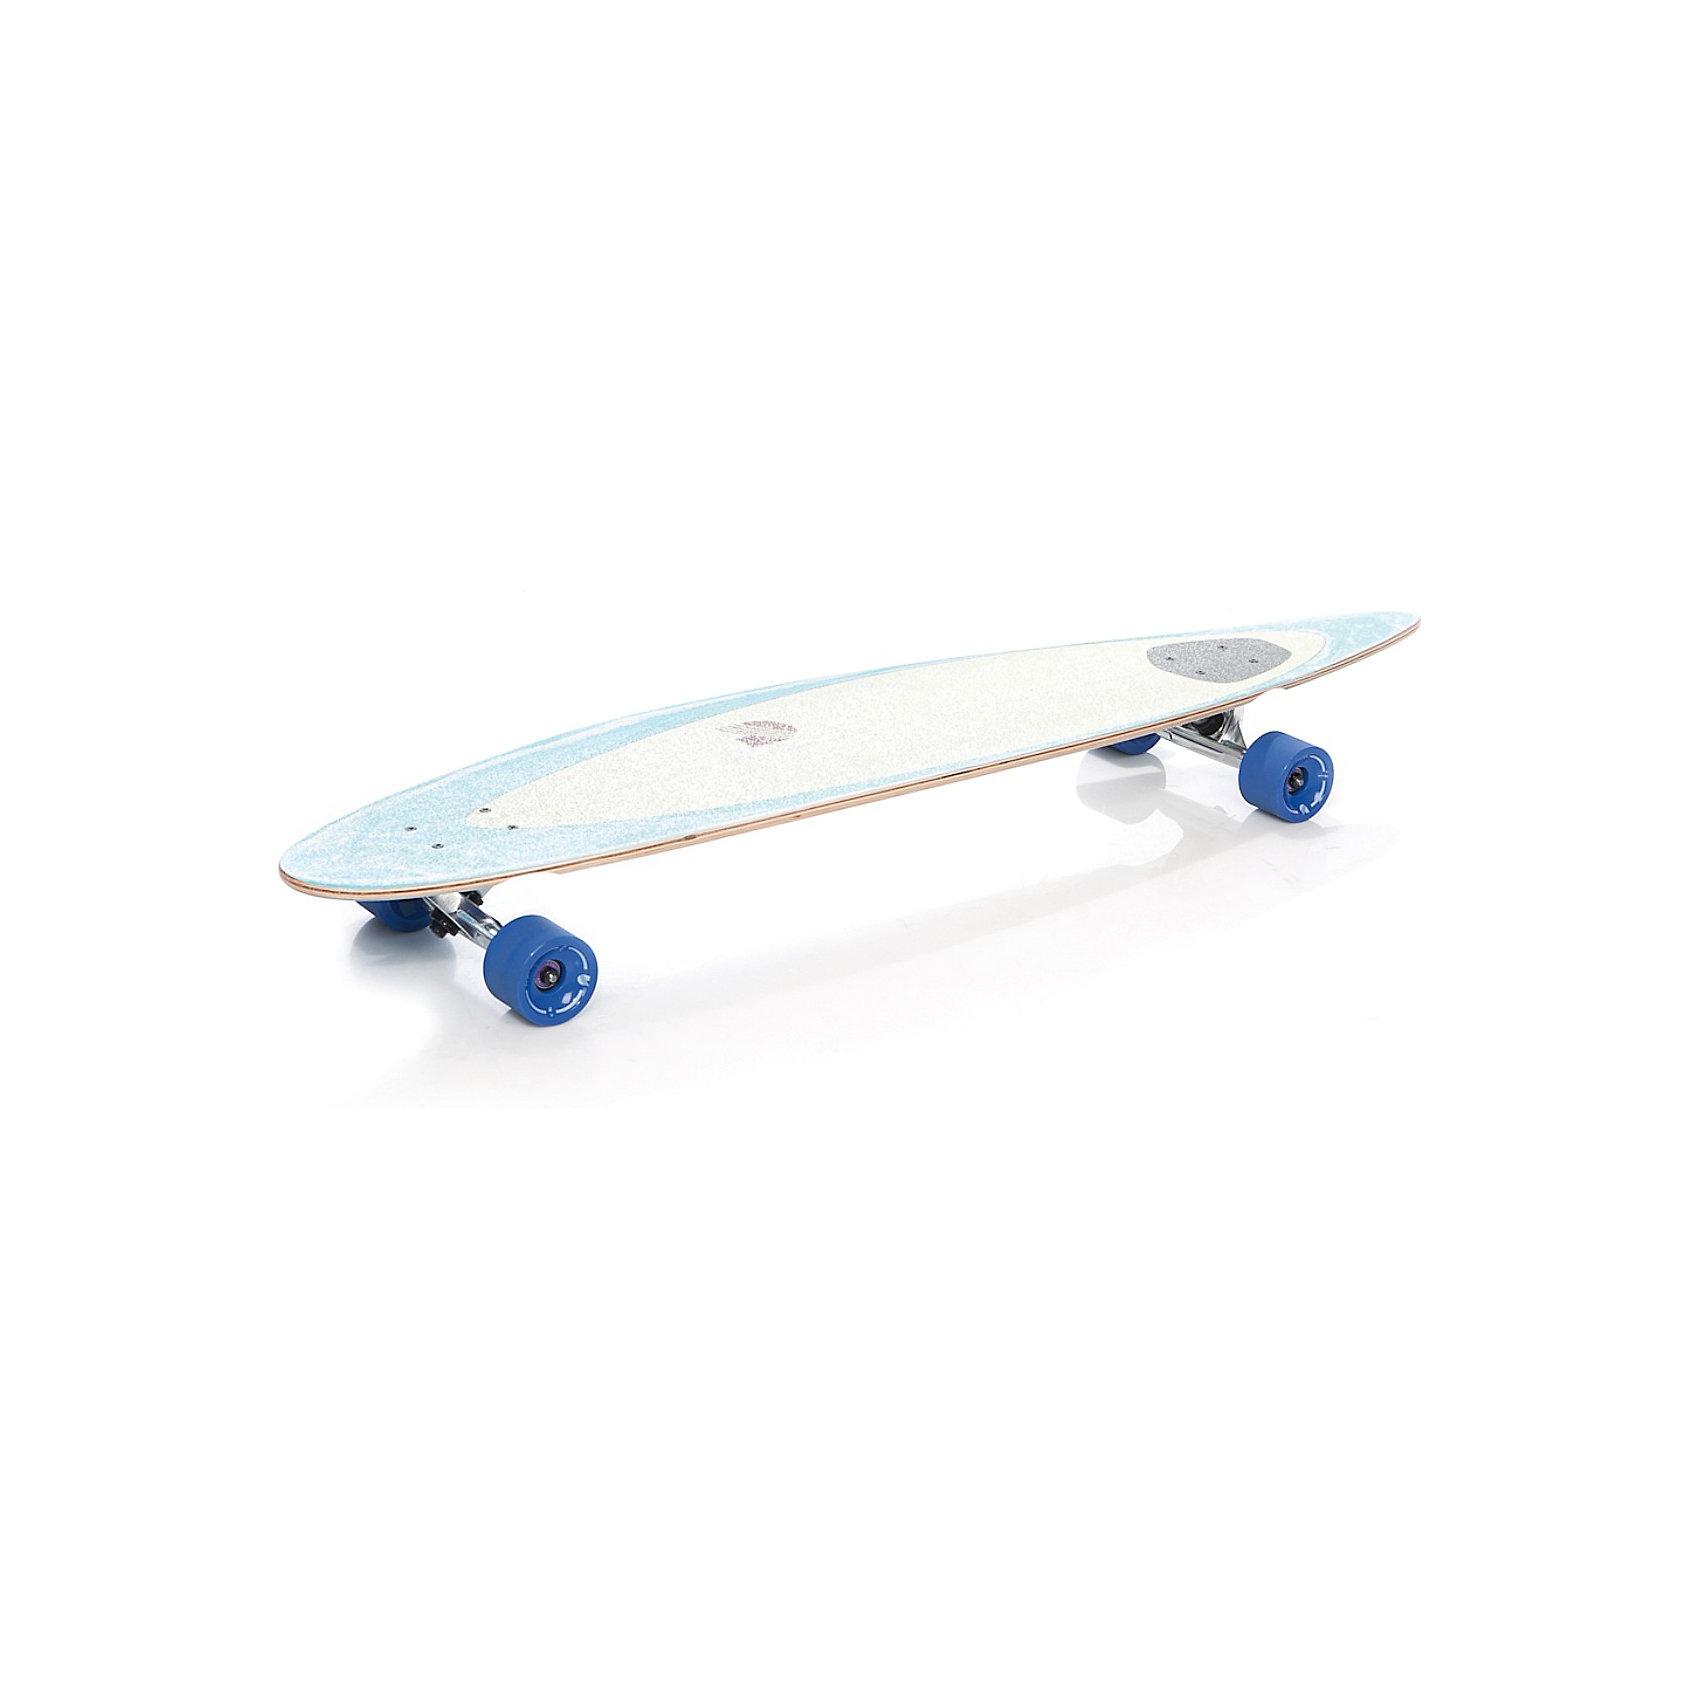 Лонгборд SurfЛонгборд - разновидность скейтборда с удлиненной доской и колесной базой, повышенной устойчивостью и улучшенными ходовыми качествами. Лонгборд Surf это новая усовершенствованная модель, идеально подходящая для комфортного перемещения в городской среде. Доска отличается оригинальным дизайном и повышенной аэродинамикой, изготовлена из экологичного материала: семь слоев канадского клена.<br><br>SHR полиуретановые литые колеса с амортизаторами и алюминиевыми подвесками очень удобны для катания. Верхнее покрытие доски - шкурка из песка, имеется логотип.<br><br>Дополнительная информация:<br><br>- Материал: металл, пластмасса, резина.<br>- Диаметр колес: 7 ? 5,1 см. <br>- Жесткость колес: 78А.<br>- Подшипники: ABEC-7 RS.  <br>- Размер доски: 114 ? 22,9 см.<br>- Вес: 3,6 кг. <br><br>Лонгборд Surf можно купить в нашем интернет-магазине.<br><br>Ширина мм: 1140<br>Глубина мм: 229<br>Высота мм: 150<br>Вес г: 3600<br>Возраст от месяцев: 84<br>Возраст до месяцев: 192<br>Пол: Унисекс<br>Возраст: Детский<br>SKU: 3597001